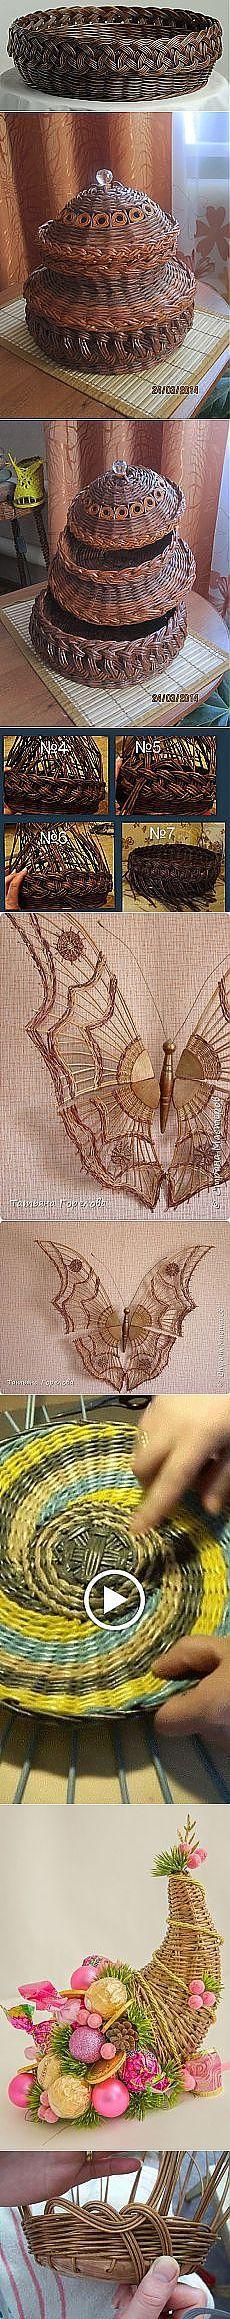 Плетение из газет | Идеи и фотоинструкции бесплатно на Постиле